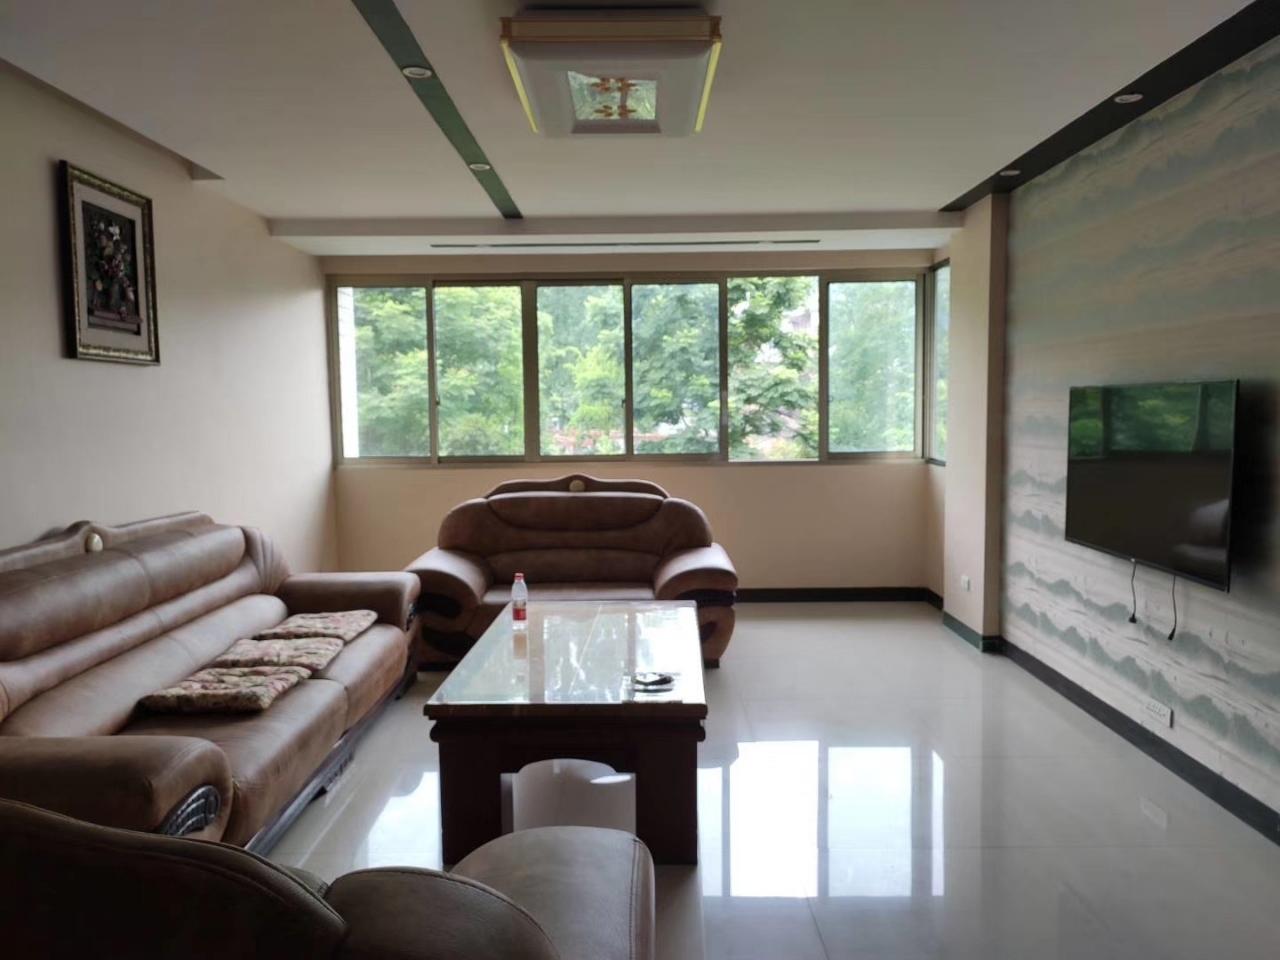 洪洲景园4室 2厅 2卫66万元